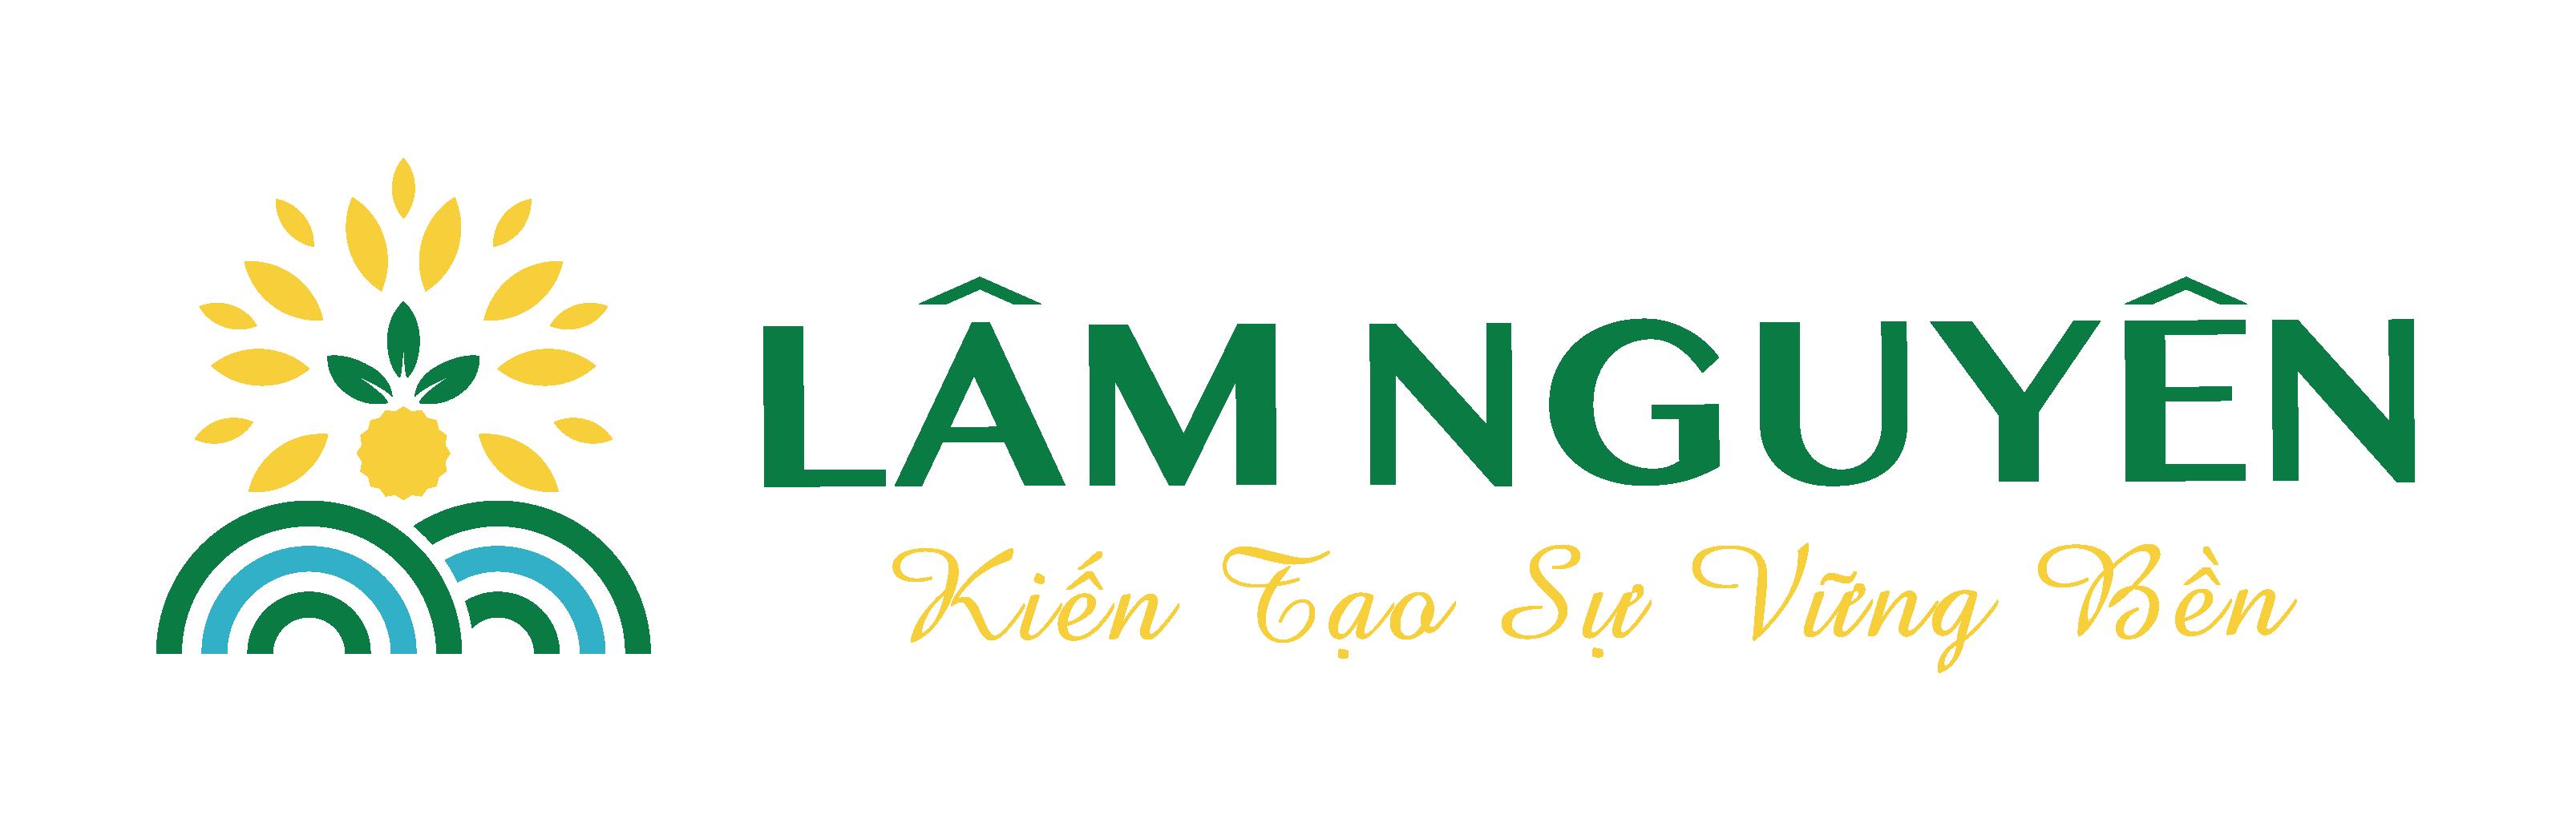 Trang Trại Lâm Nguyên